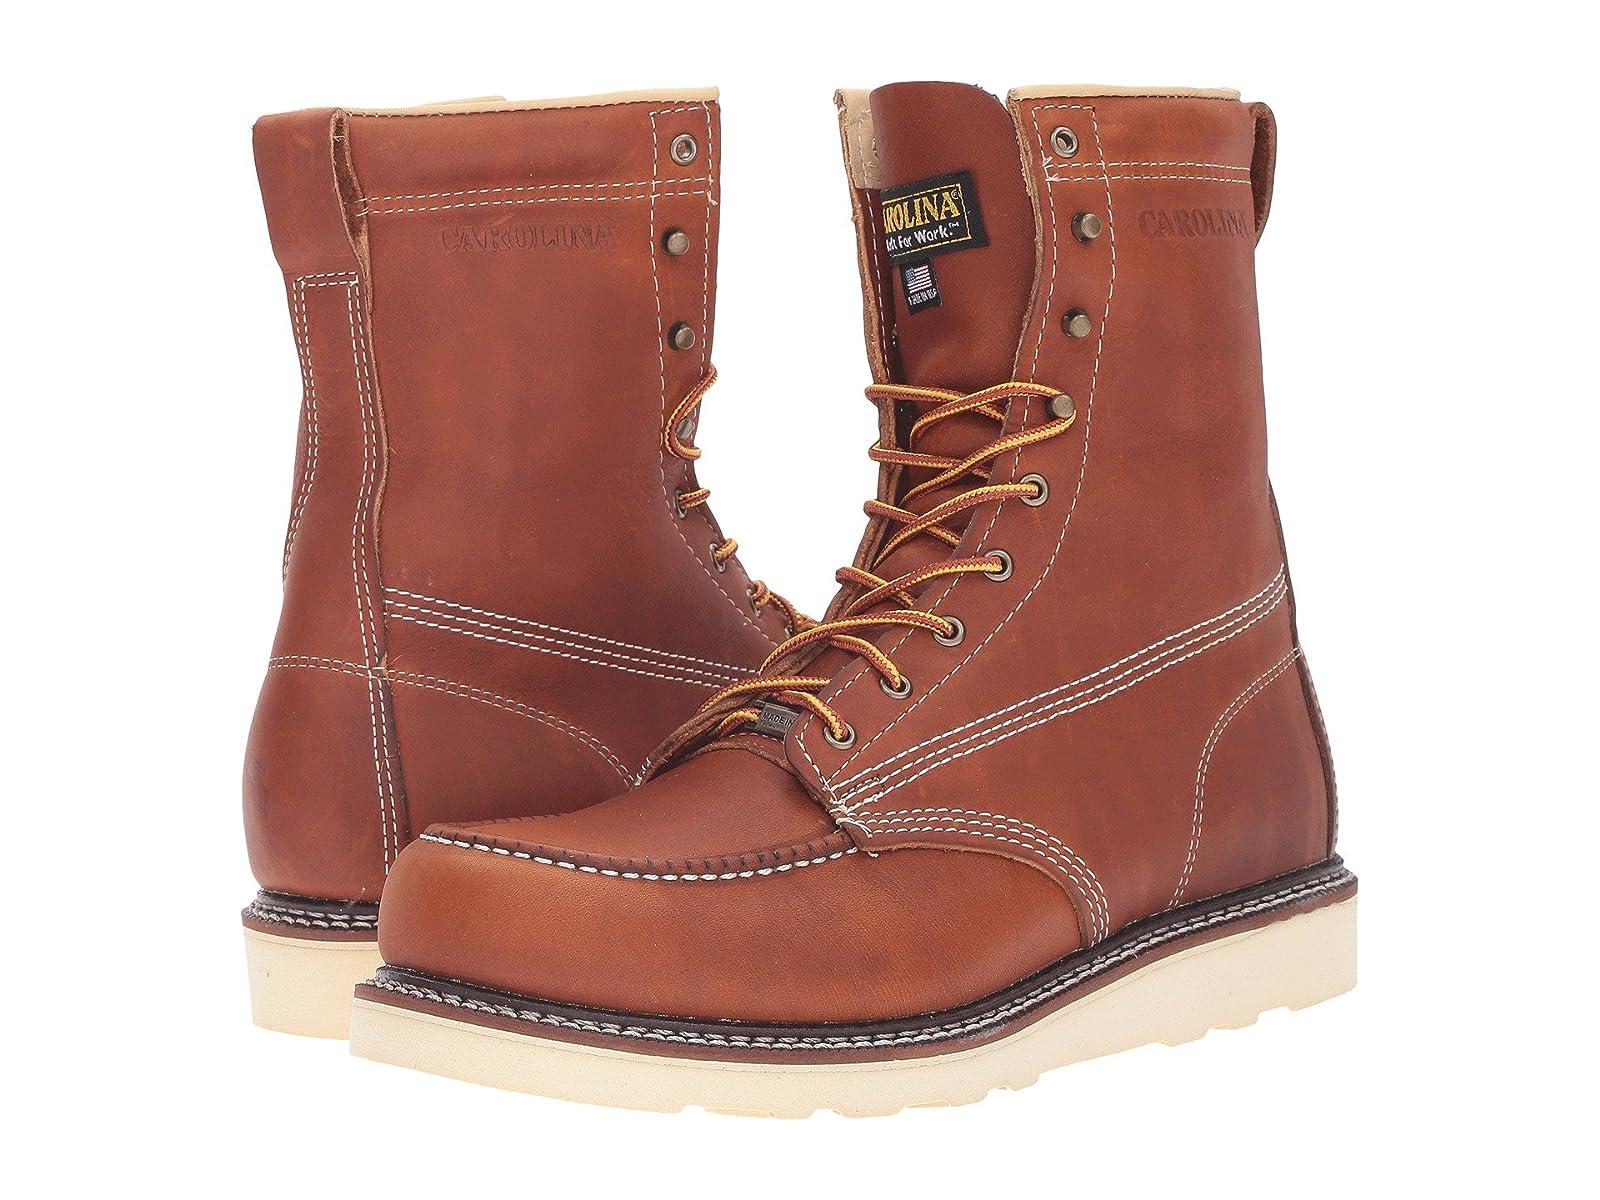 Carolina AMP USA Moc Toe Wedge CA7002Selling fashionable and eye-catching shoes